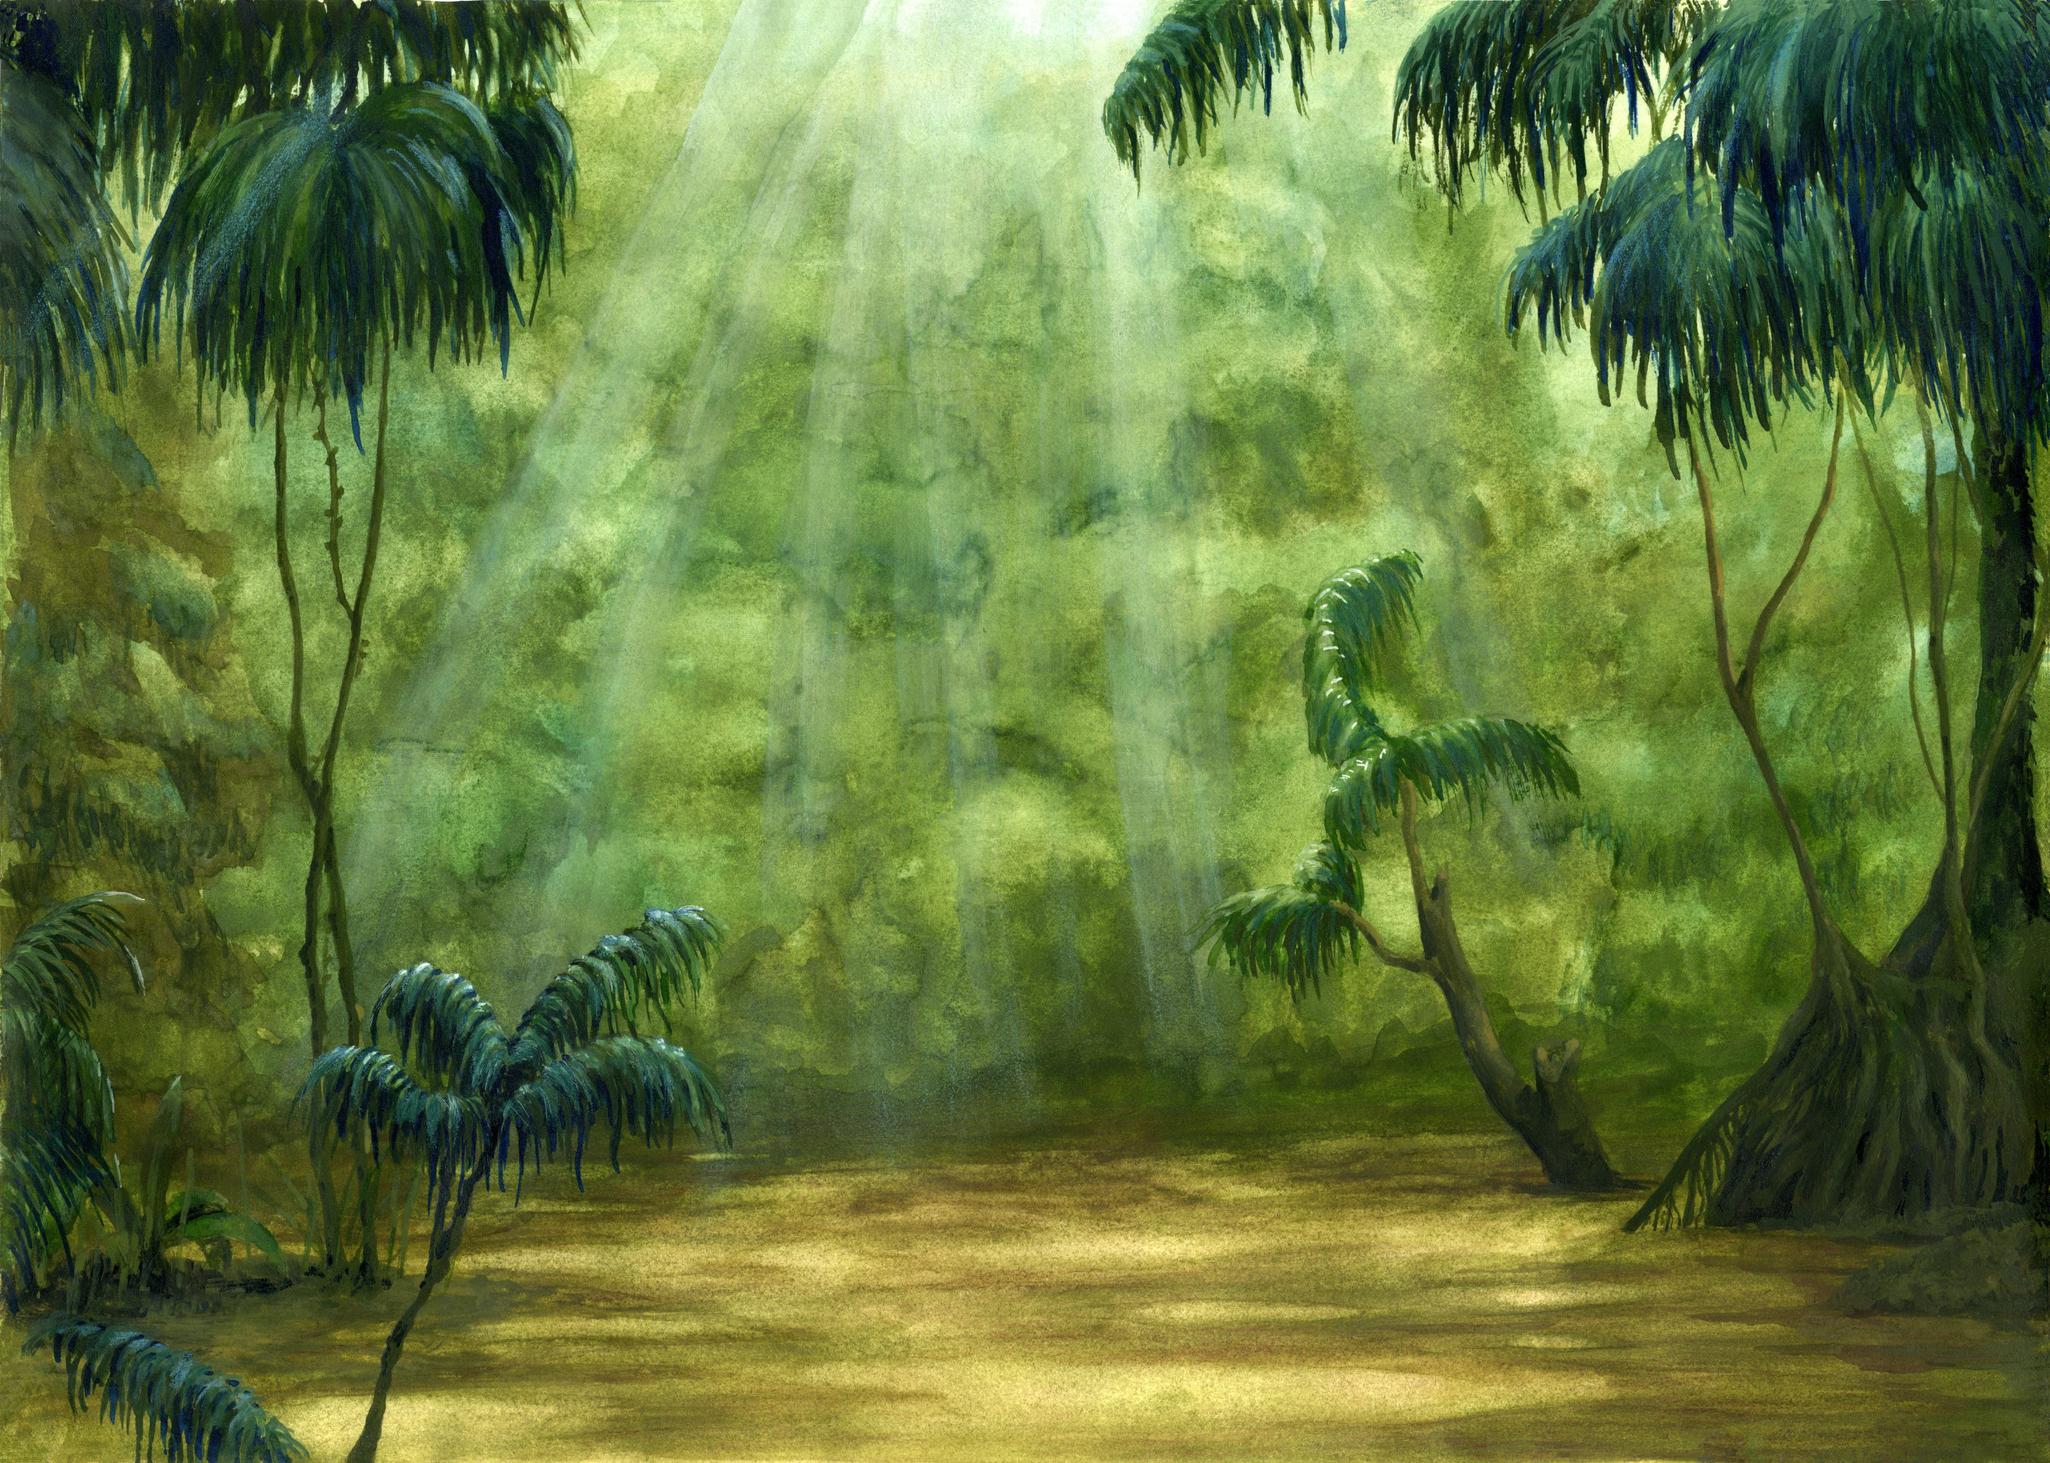 ancientrainforest.jpg